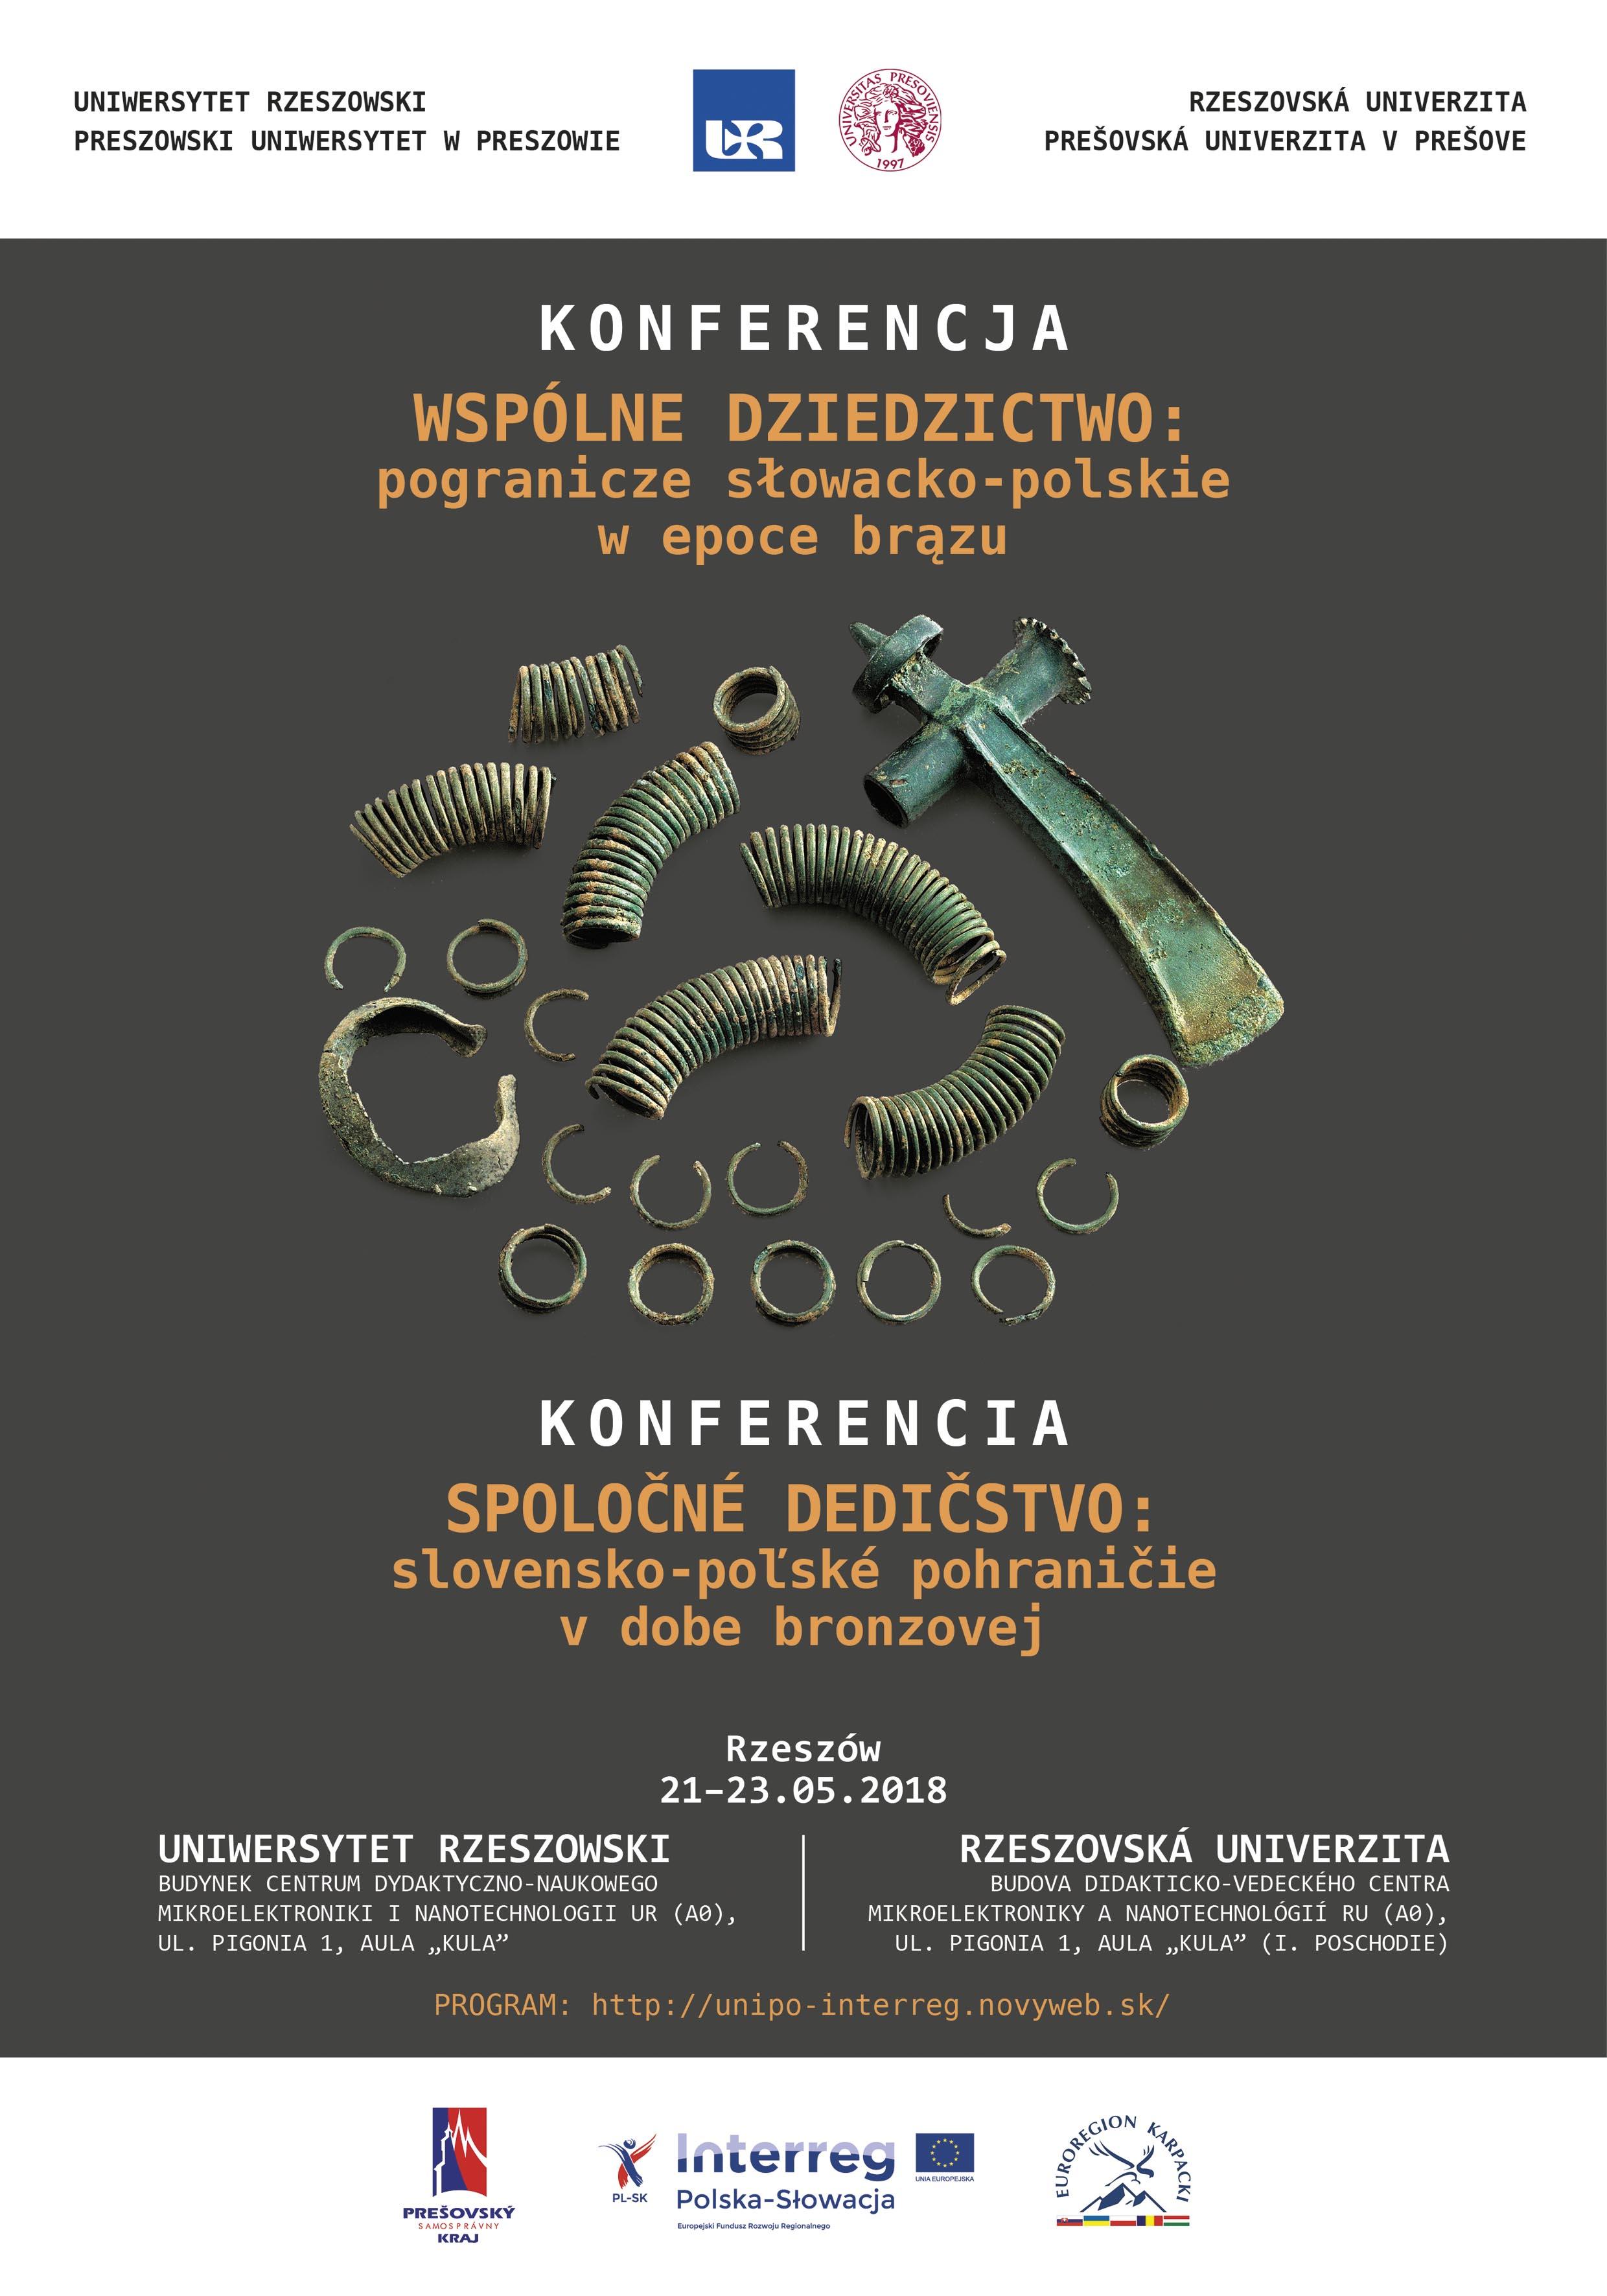 Dziedzictwo archeologiczne pogranicza słowacko-polskiego. Konferencja i wystawa Uniwersytetu Rzeszowskiego i Uniwersytetu Preszowskiego